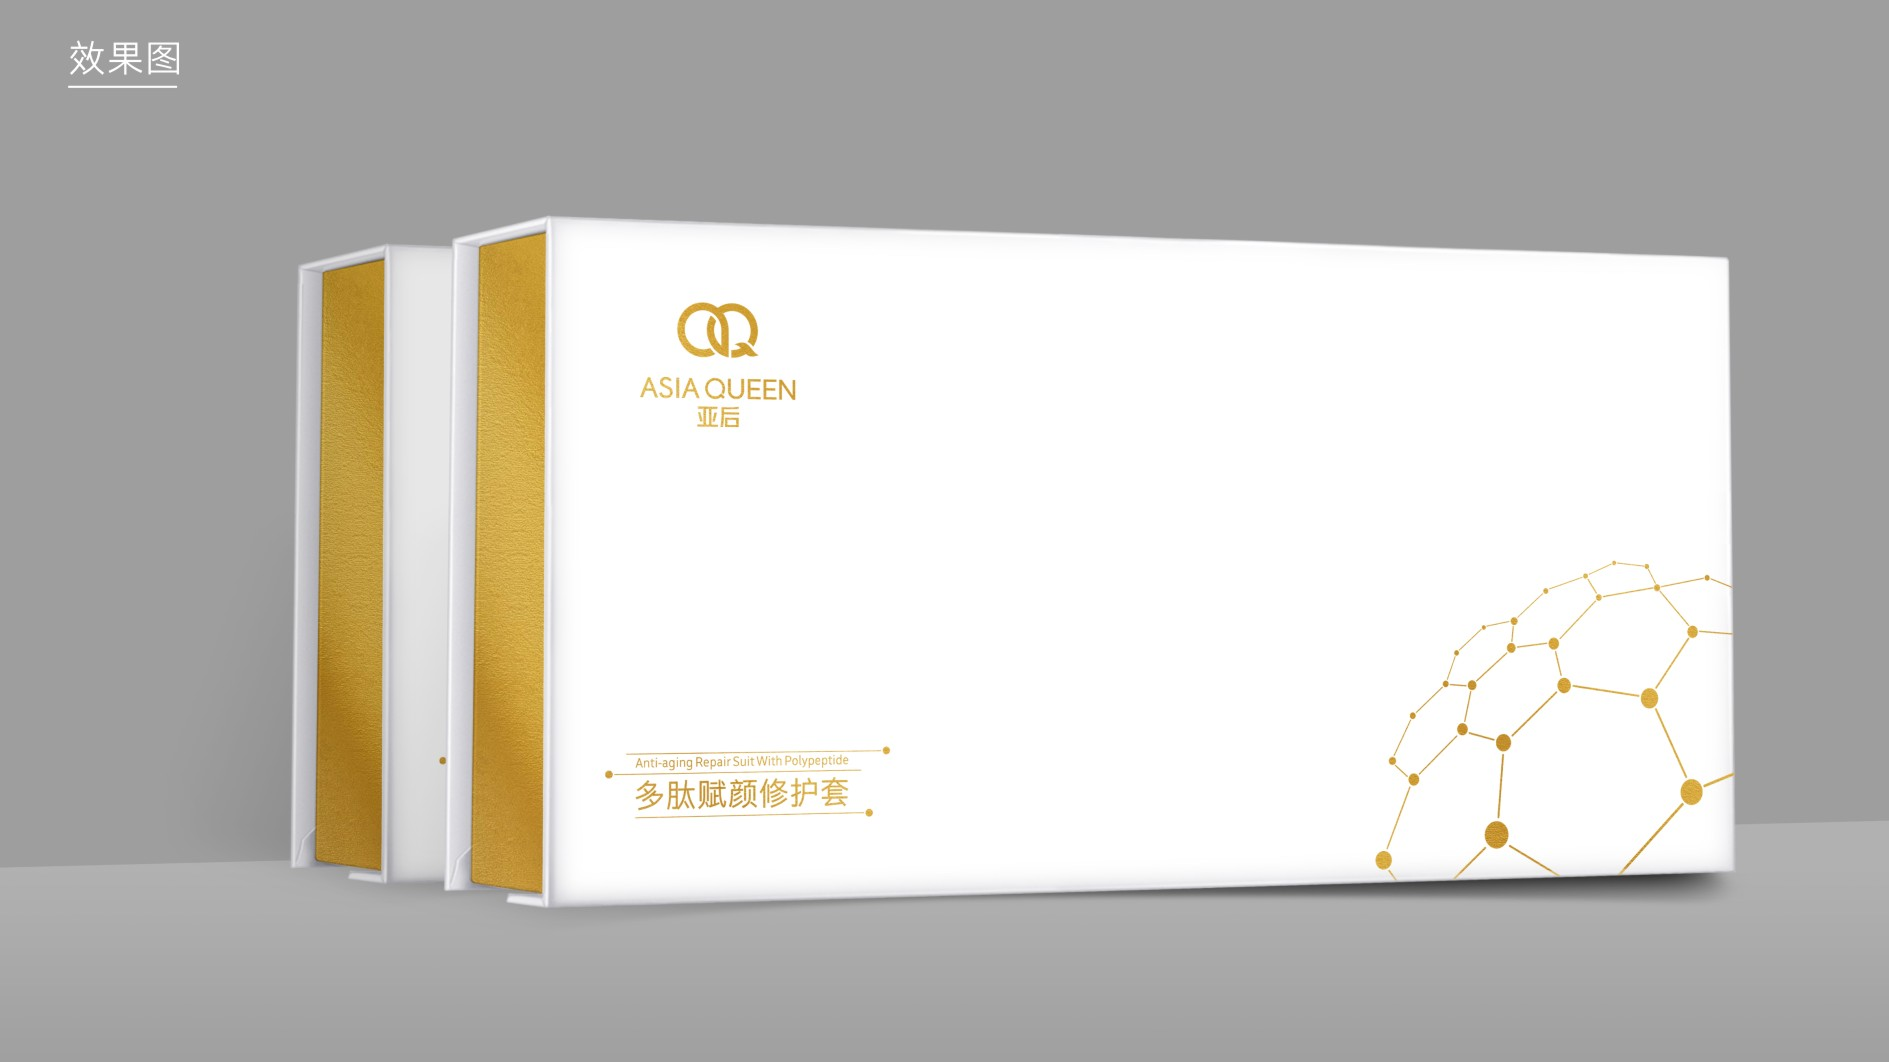 亚后化妆品品牌包装设计